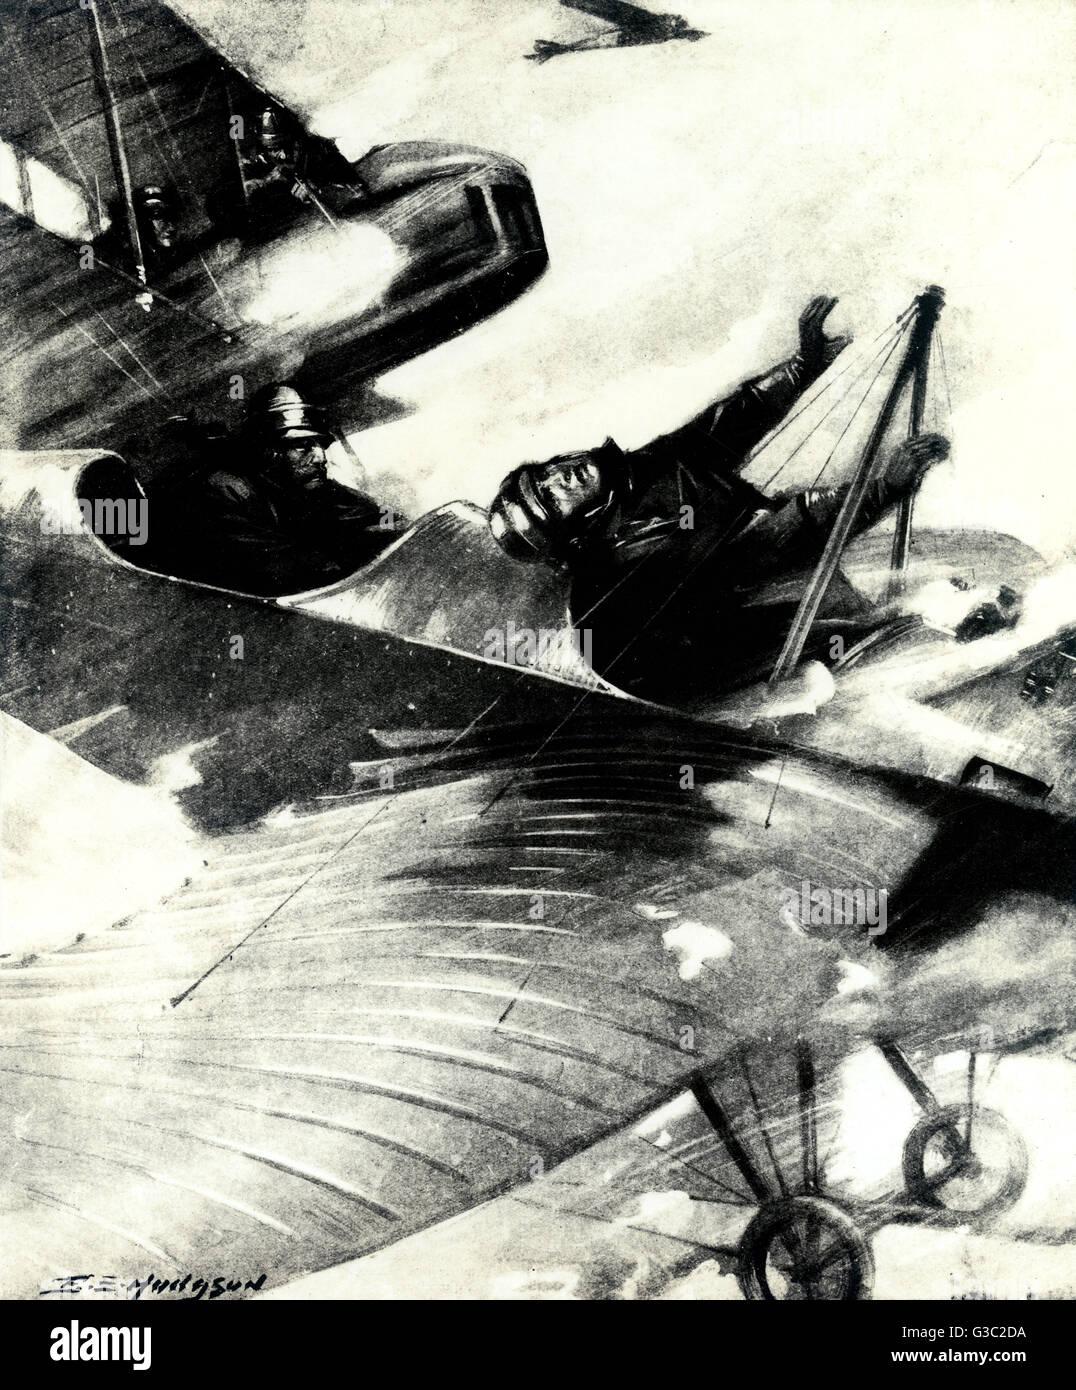 WW1 - deux biplans militaires dans un combat aérien, où Von Falkenhayn est tué par un mitrailleur vu dans l'avion ennemi à partir de ci-dessus. Un bel exemple de Von Falkenayn's derniers moments dans l'action. Date: 1915 Banque D'Images